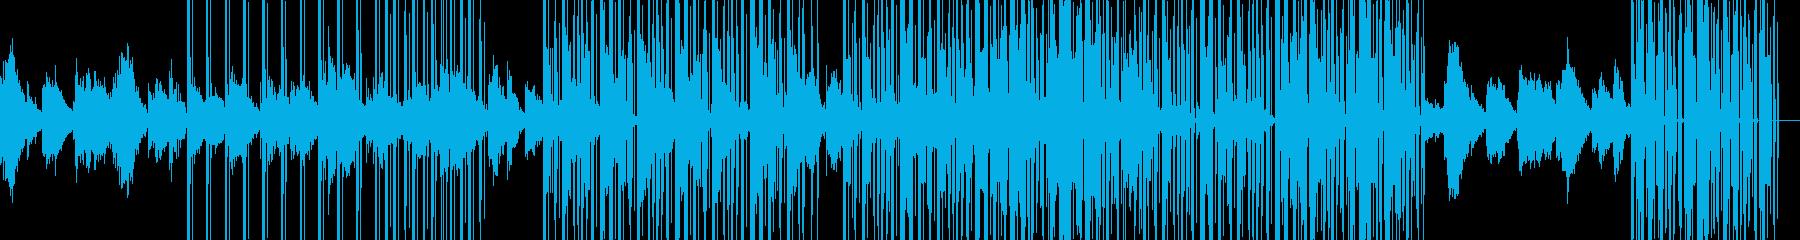 涼しげで有機的なアンビエントの再生済みの波形